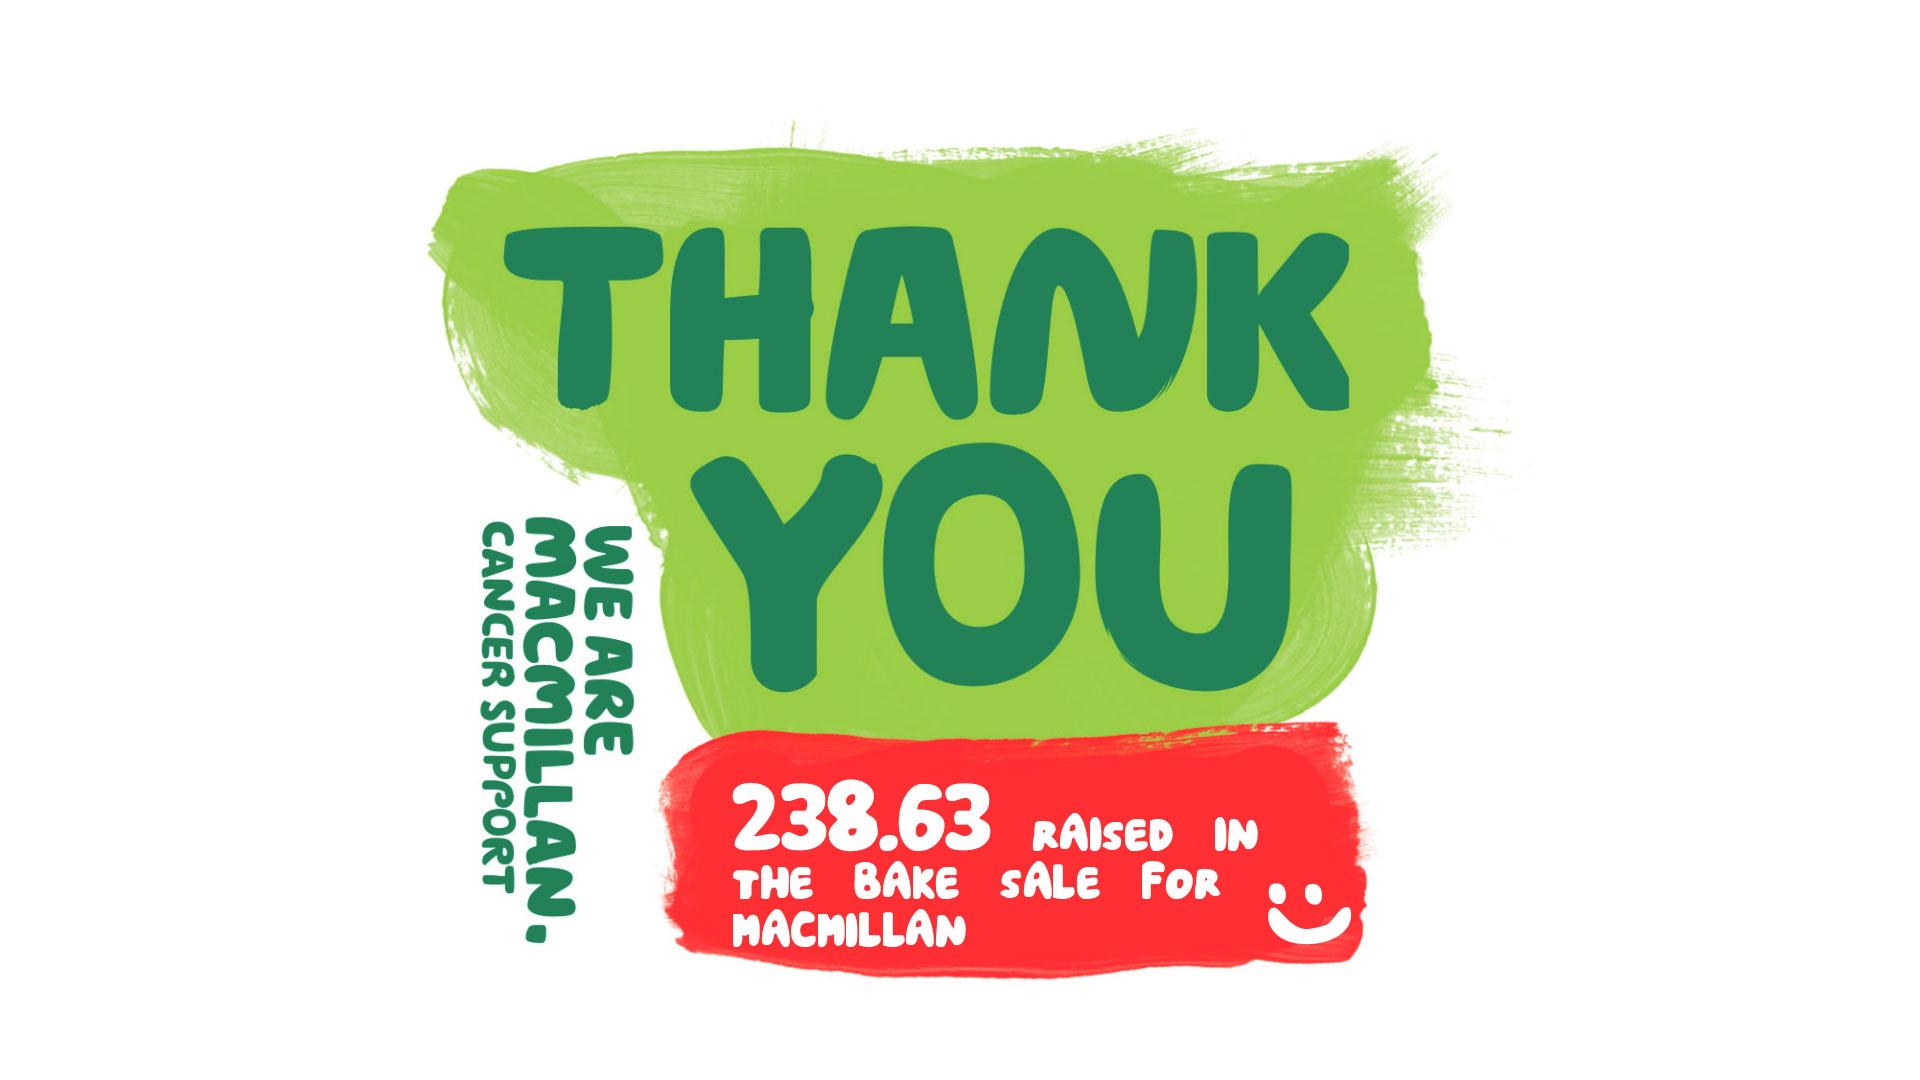 Macmillan / Thank you